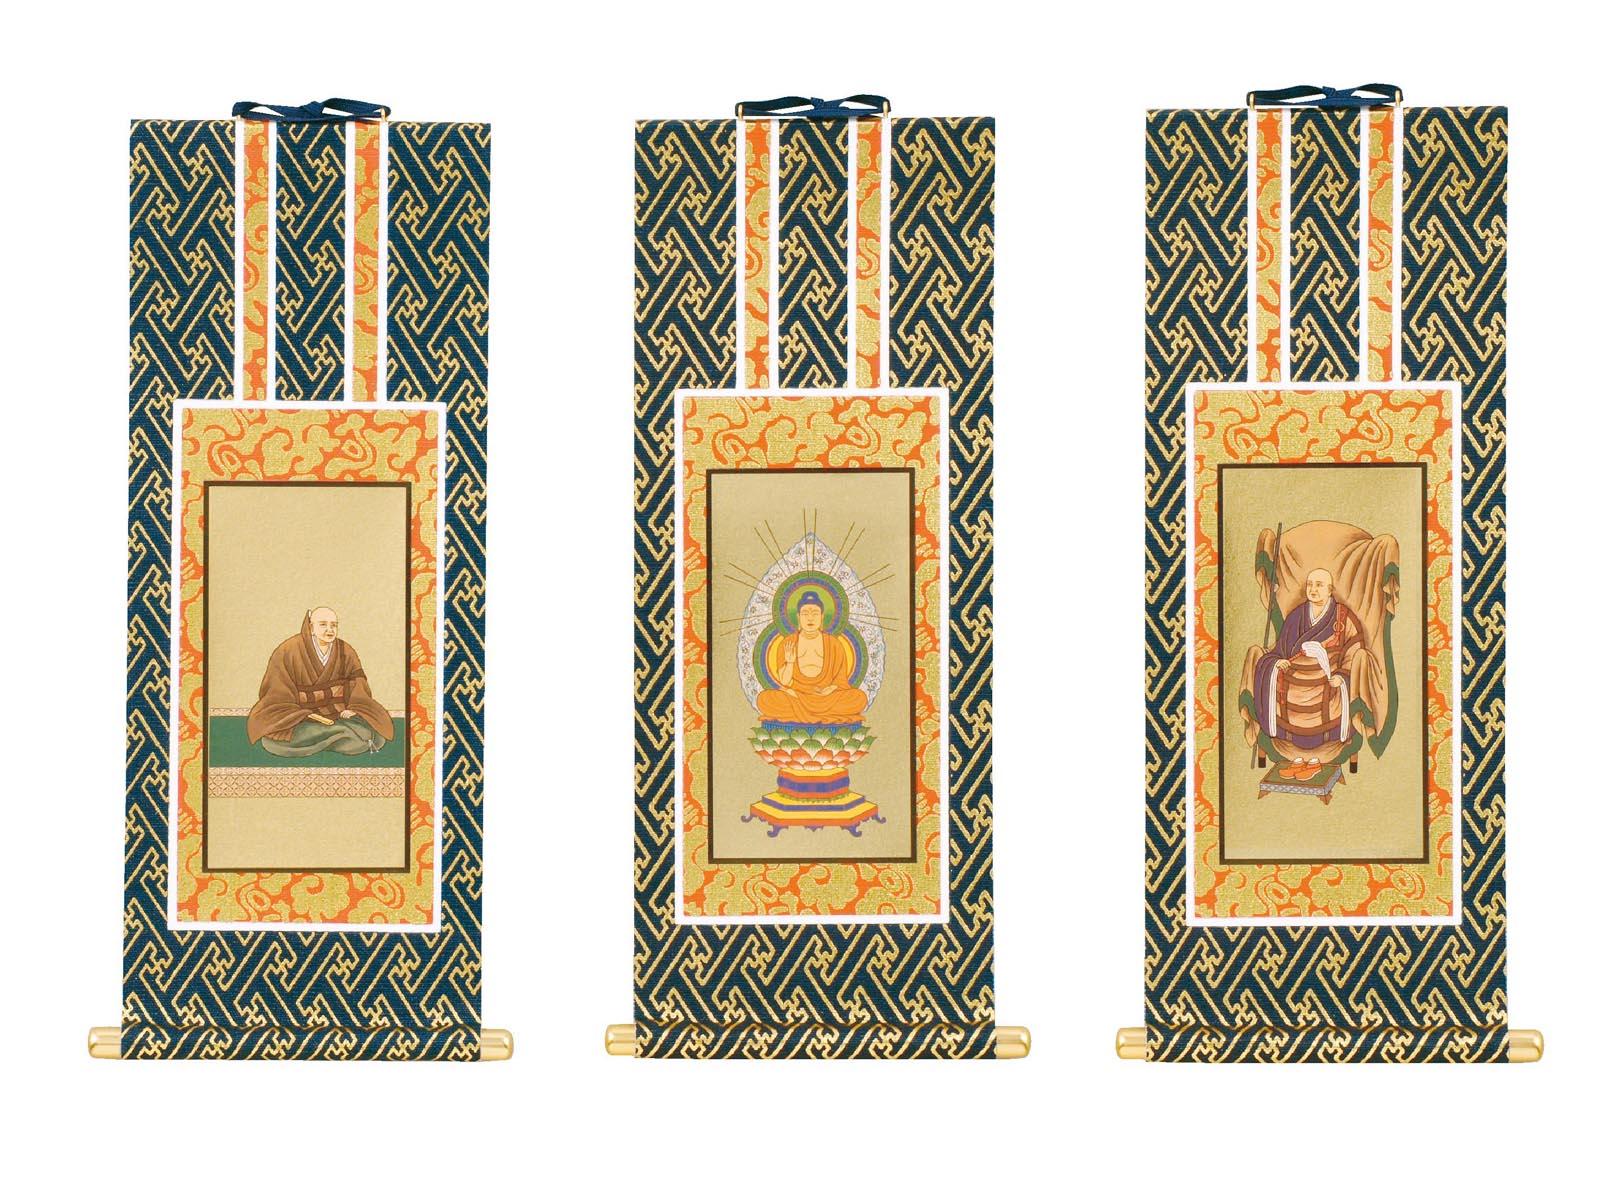 【仏壇用】 臨済宗妙心寺派の掛軸 70代( 本尊と両脇 )3本1組掛軸用押しピンサービス中